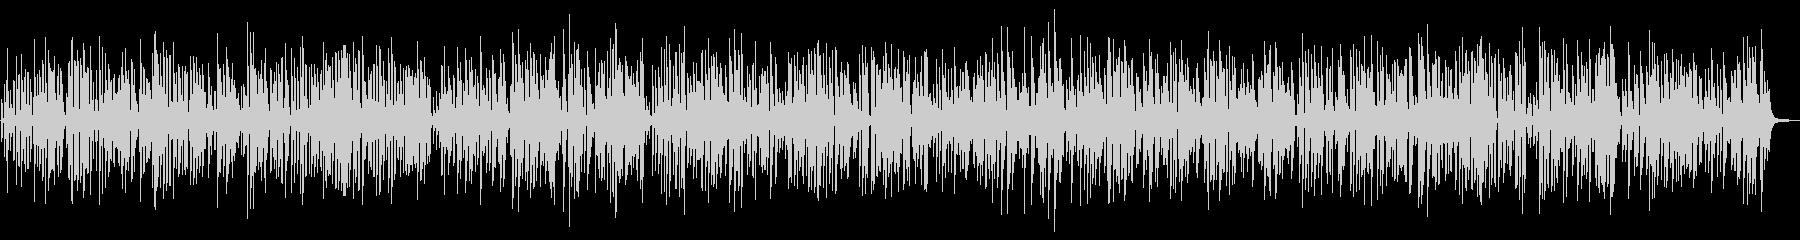 おしゃれ軽快クールなジャズピアノトリオの未再生の波形